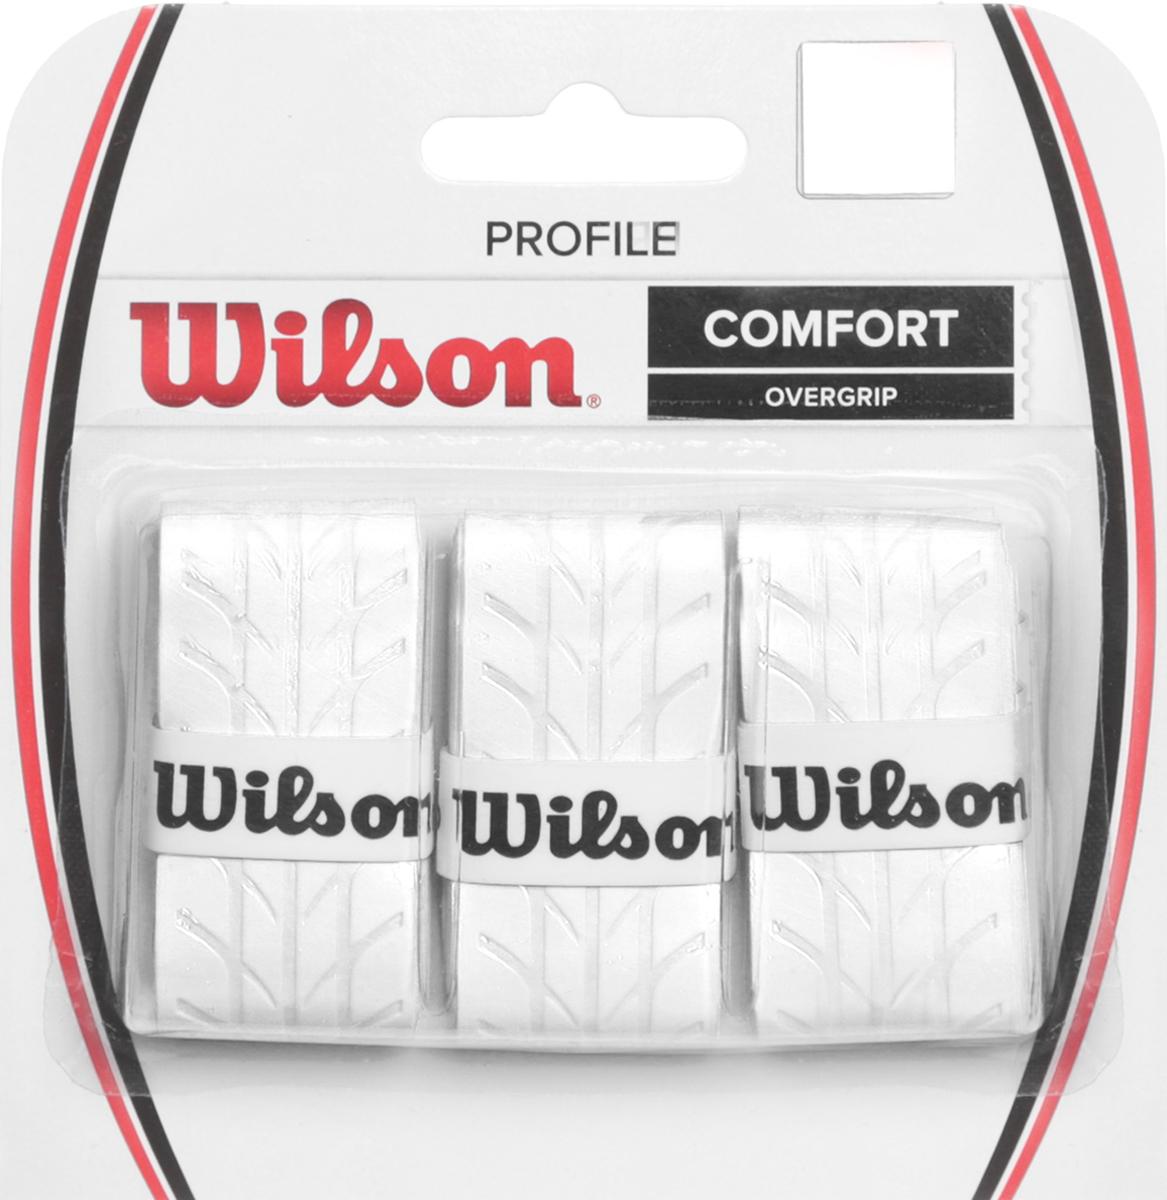 Намотка для ракетки Wilson Profile Overgrip WhWRZ4025WHОвергрип Profile - обладает уникальной насечкой, которая увеличивает чувство ракетки в руках. Идеально подходит для использования в любых тренировочных и турнирных условиях.Поставляется в белом цвете.